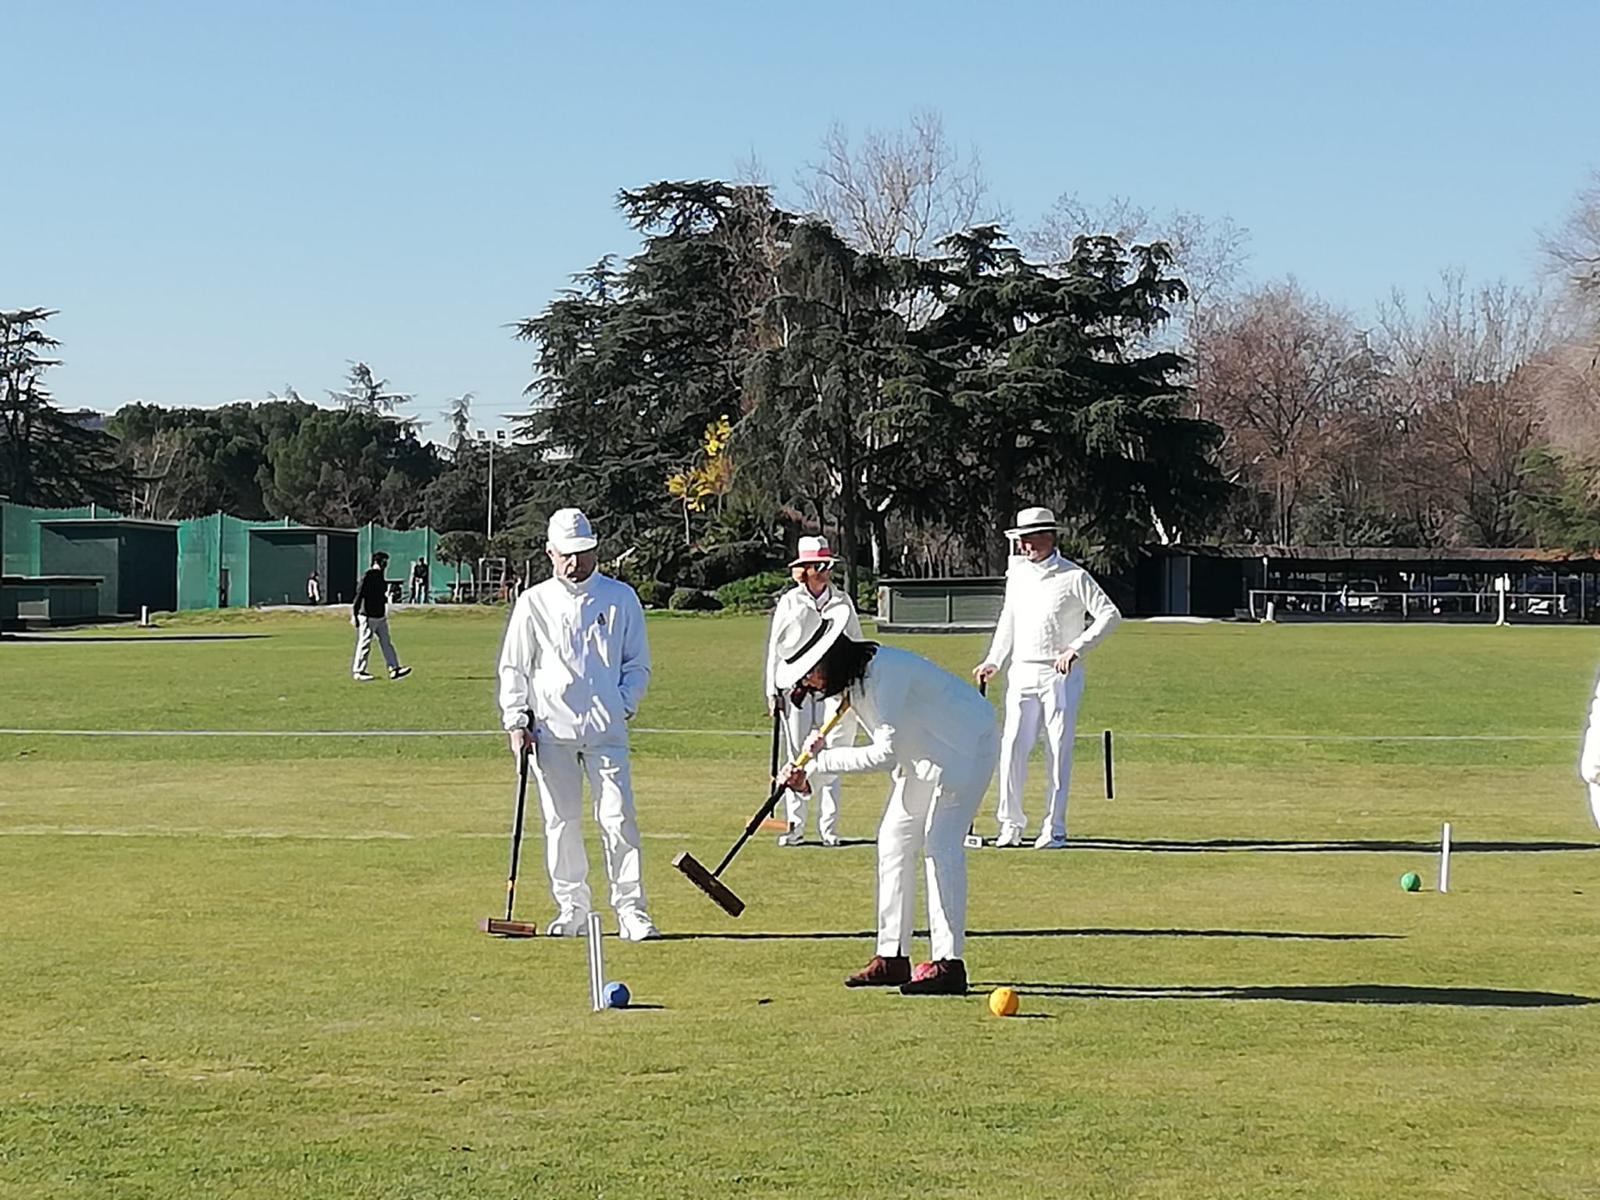 Momento de uno de los partidos de cróquet de la 1ª Pachanga del Club. Foto: Tuna Baselga